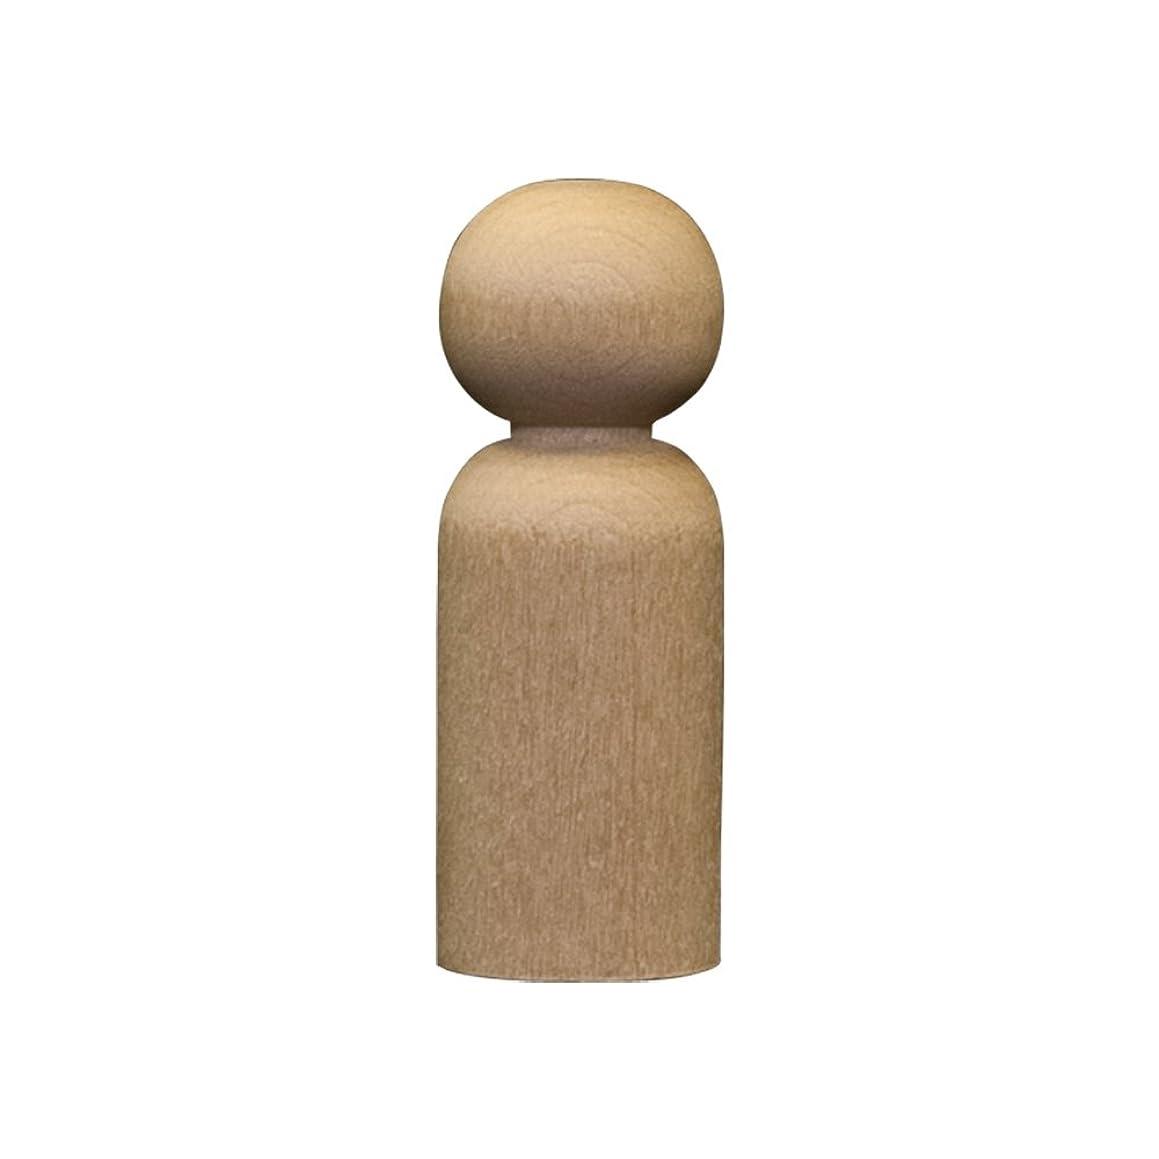 Wood Doll Bodies - Boy 1-11/16 inch - Bag of 100